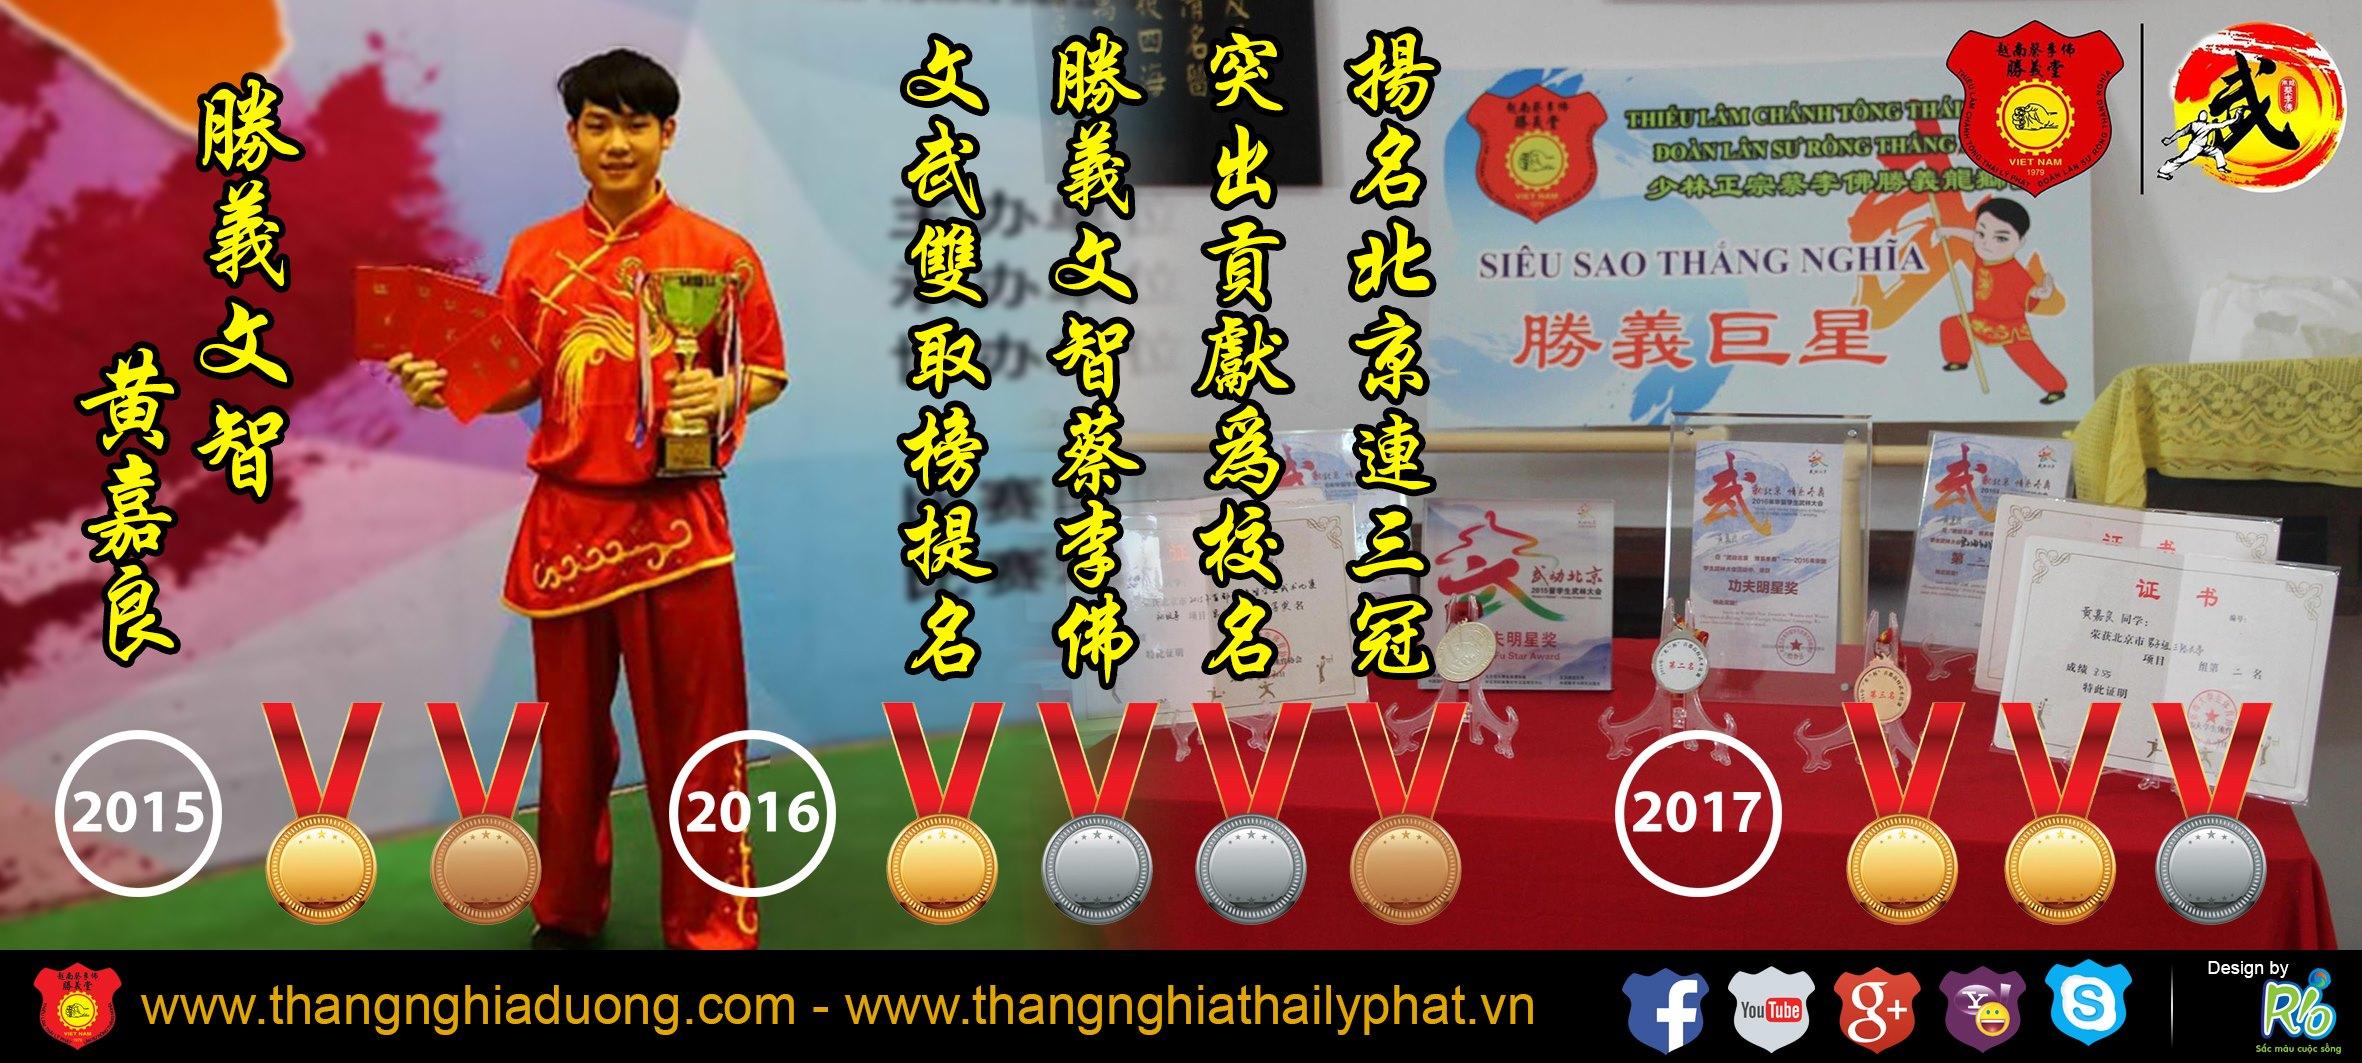 """Huỳnh Gia Lương Quán Quân 3 năm liền Wushu tại Trung Quốc- 勝義文智黃嘉良三年""""武動北京""""連冠軍"""